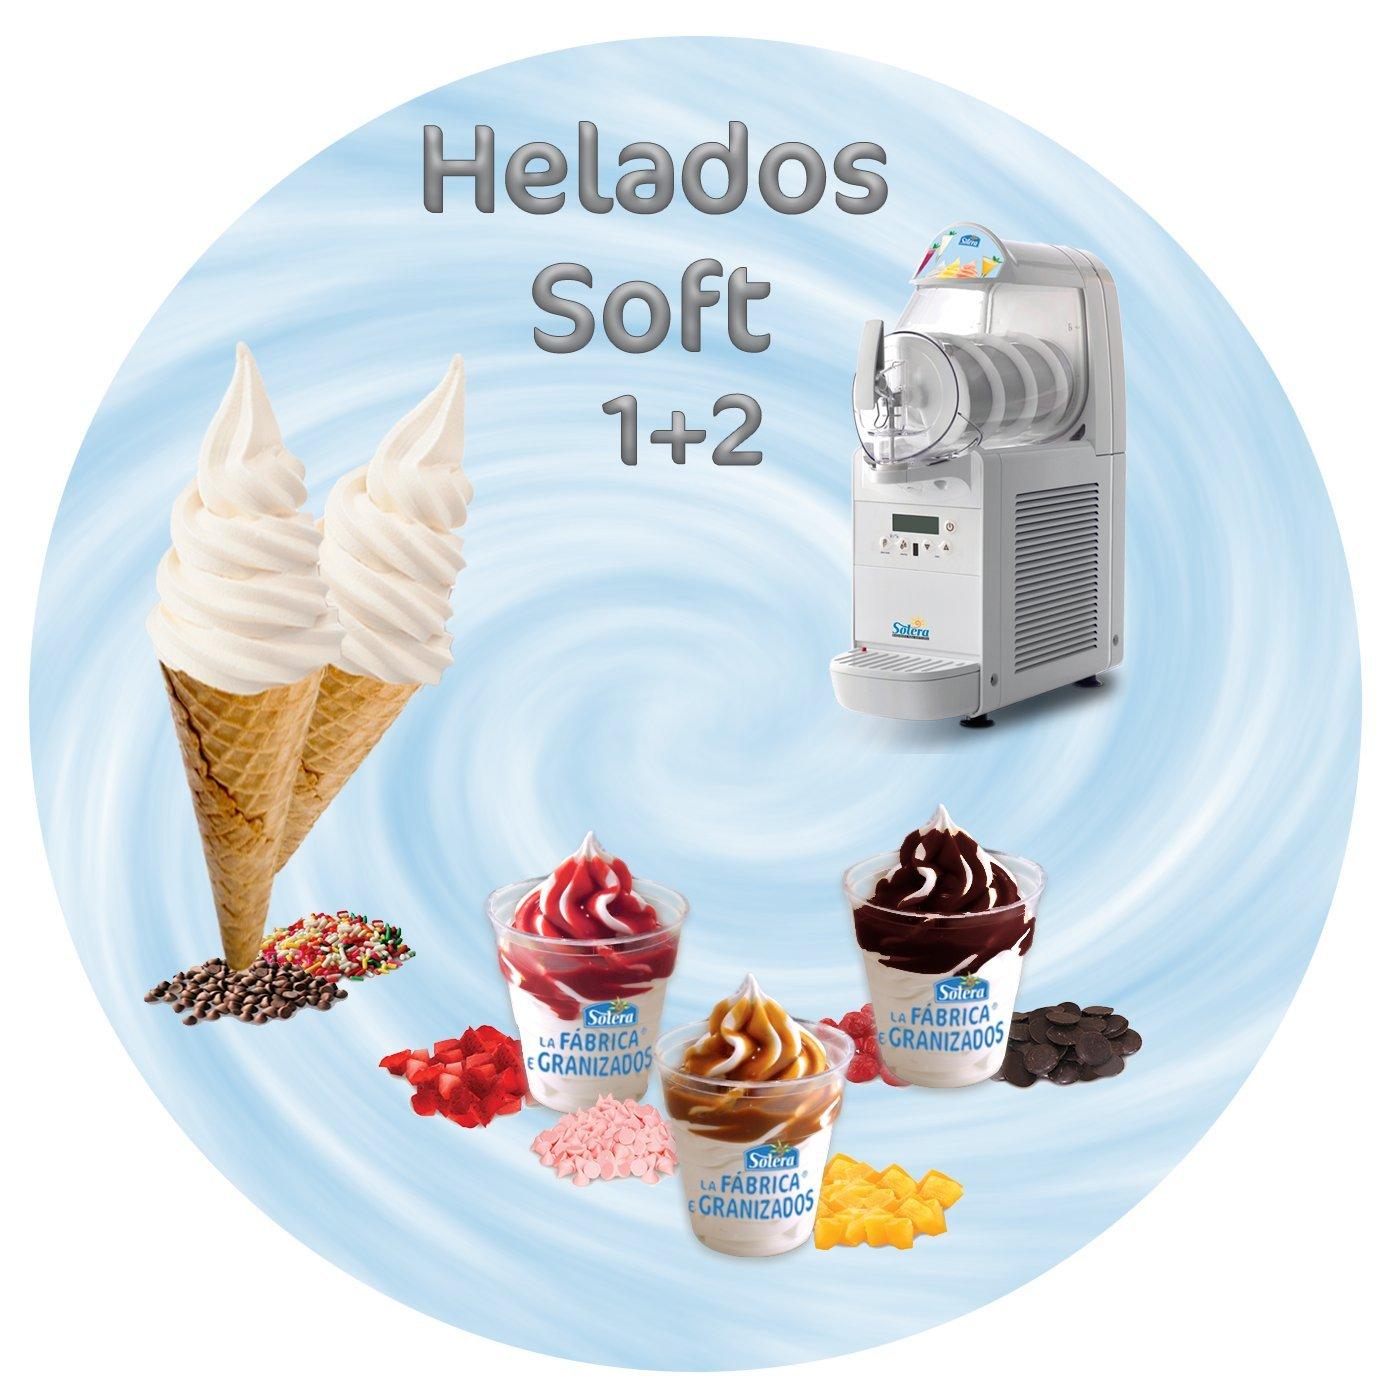 Helado Soft (1+2) - 6 Brik de 1 Litro concentrado=18 Litros + 20% aumento=21.6 L.de helado Soft terminado. (Nata): Amazon.es: Alimentación y bebidas